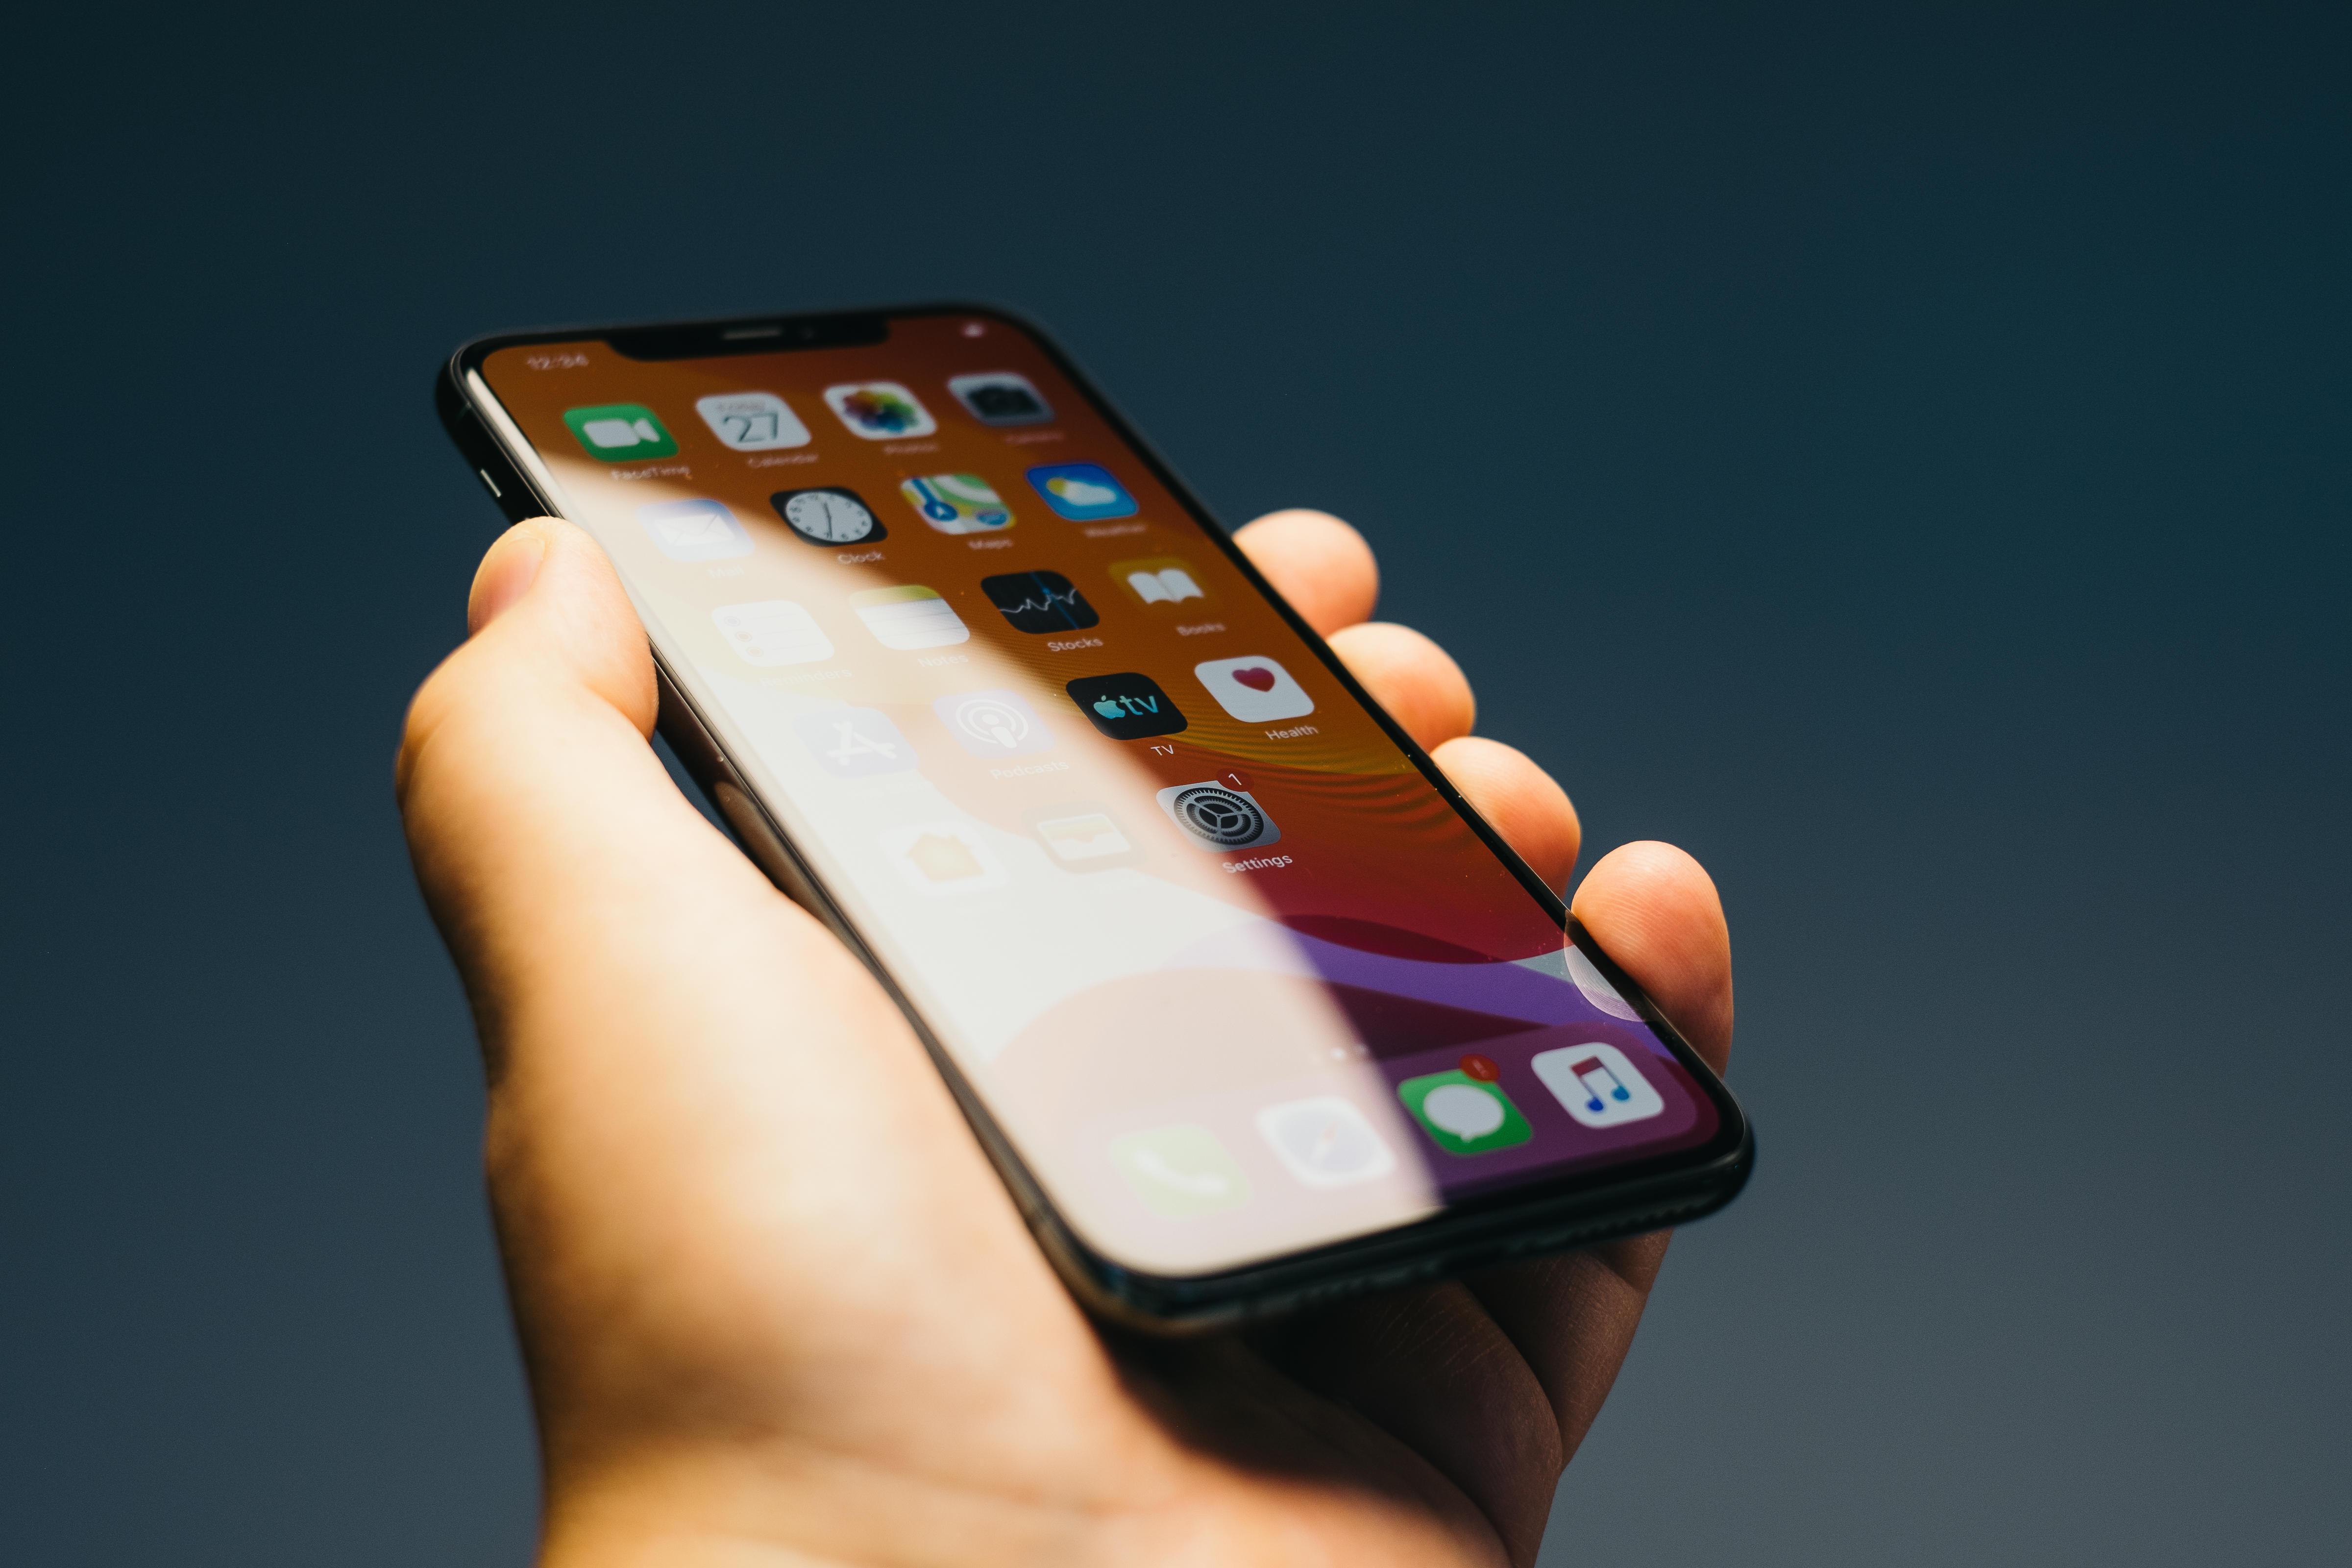 IPhone 11 Pro Max, được phát hành năm ngoái, là một trong hơn một chục điện thoại di động Apple thường xuyên cung cấp cập nhật bảo mật